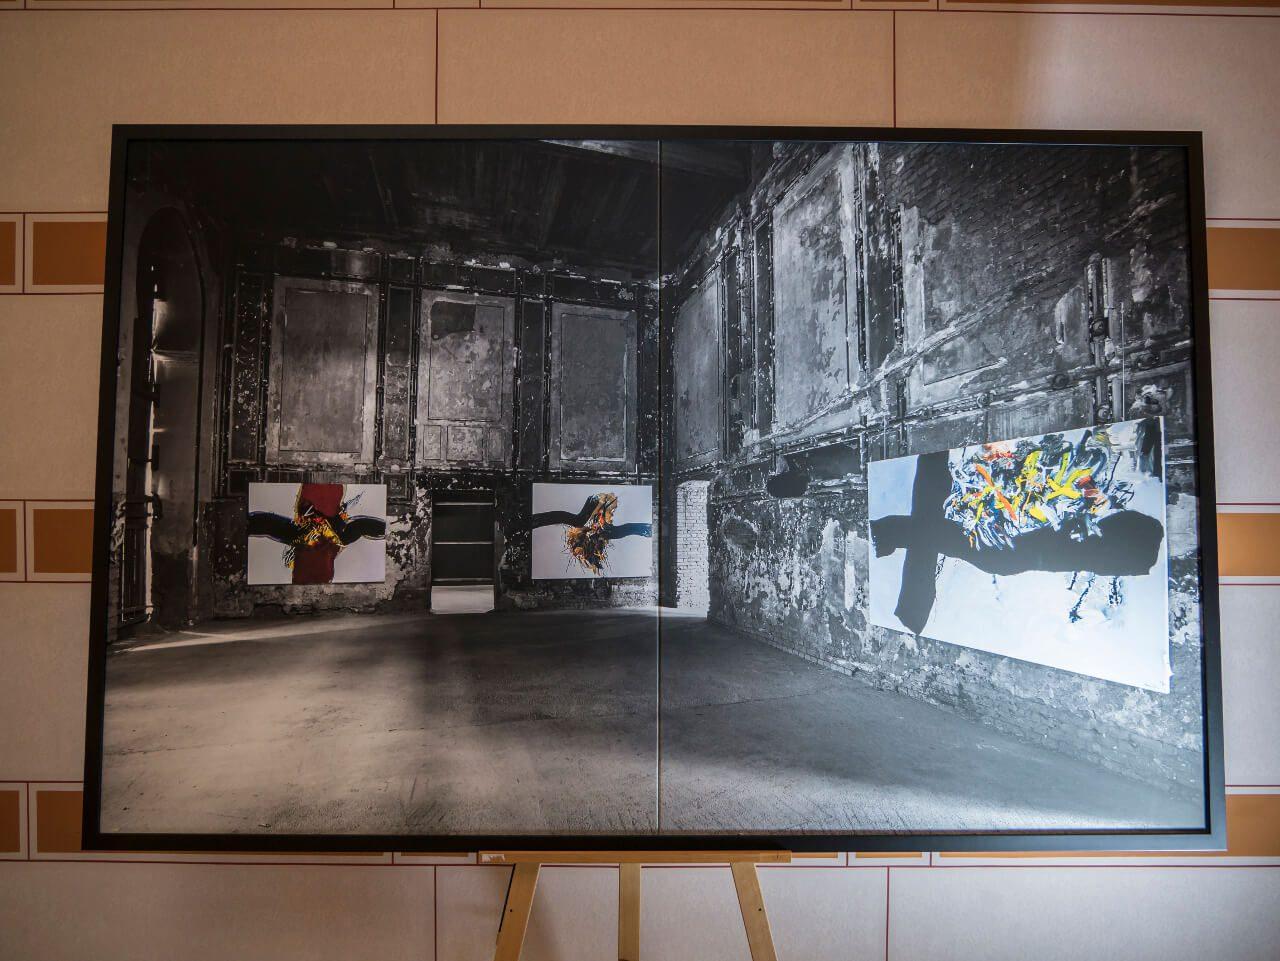 Zdjęcie w ratuszu w Sarajewie